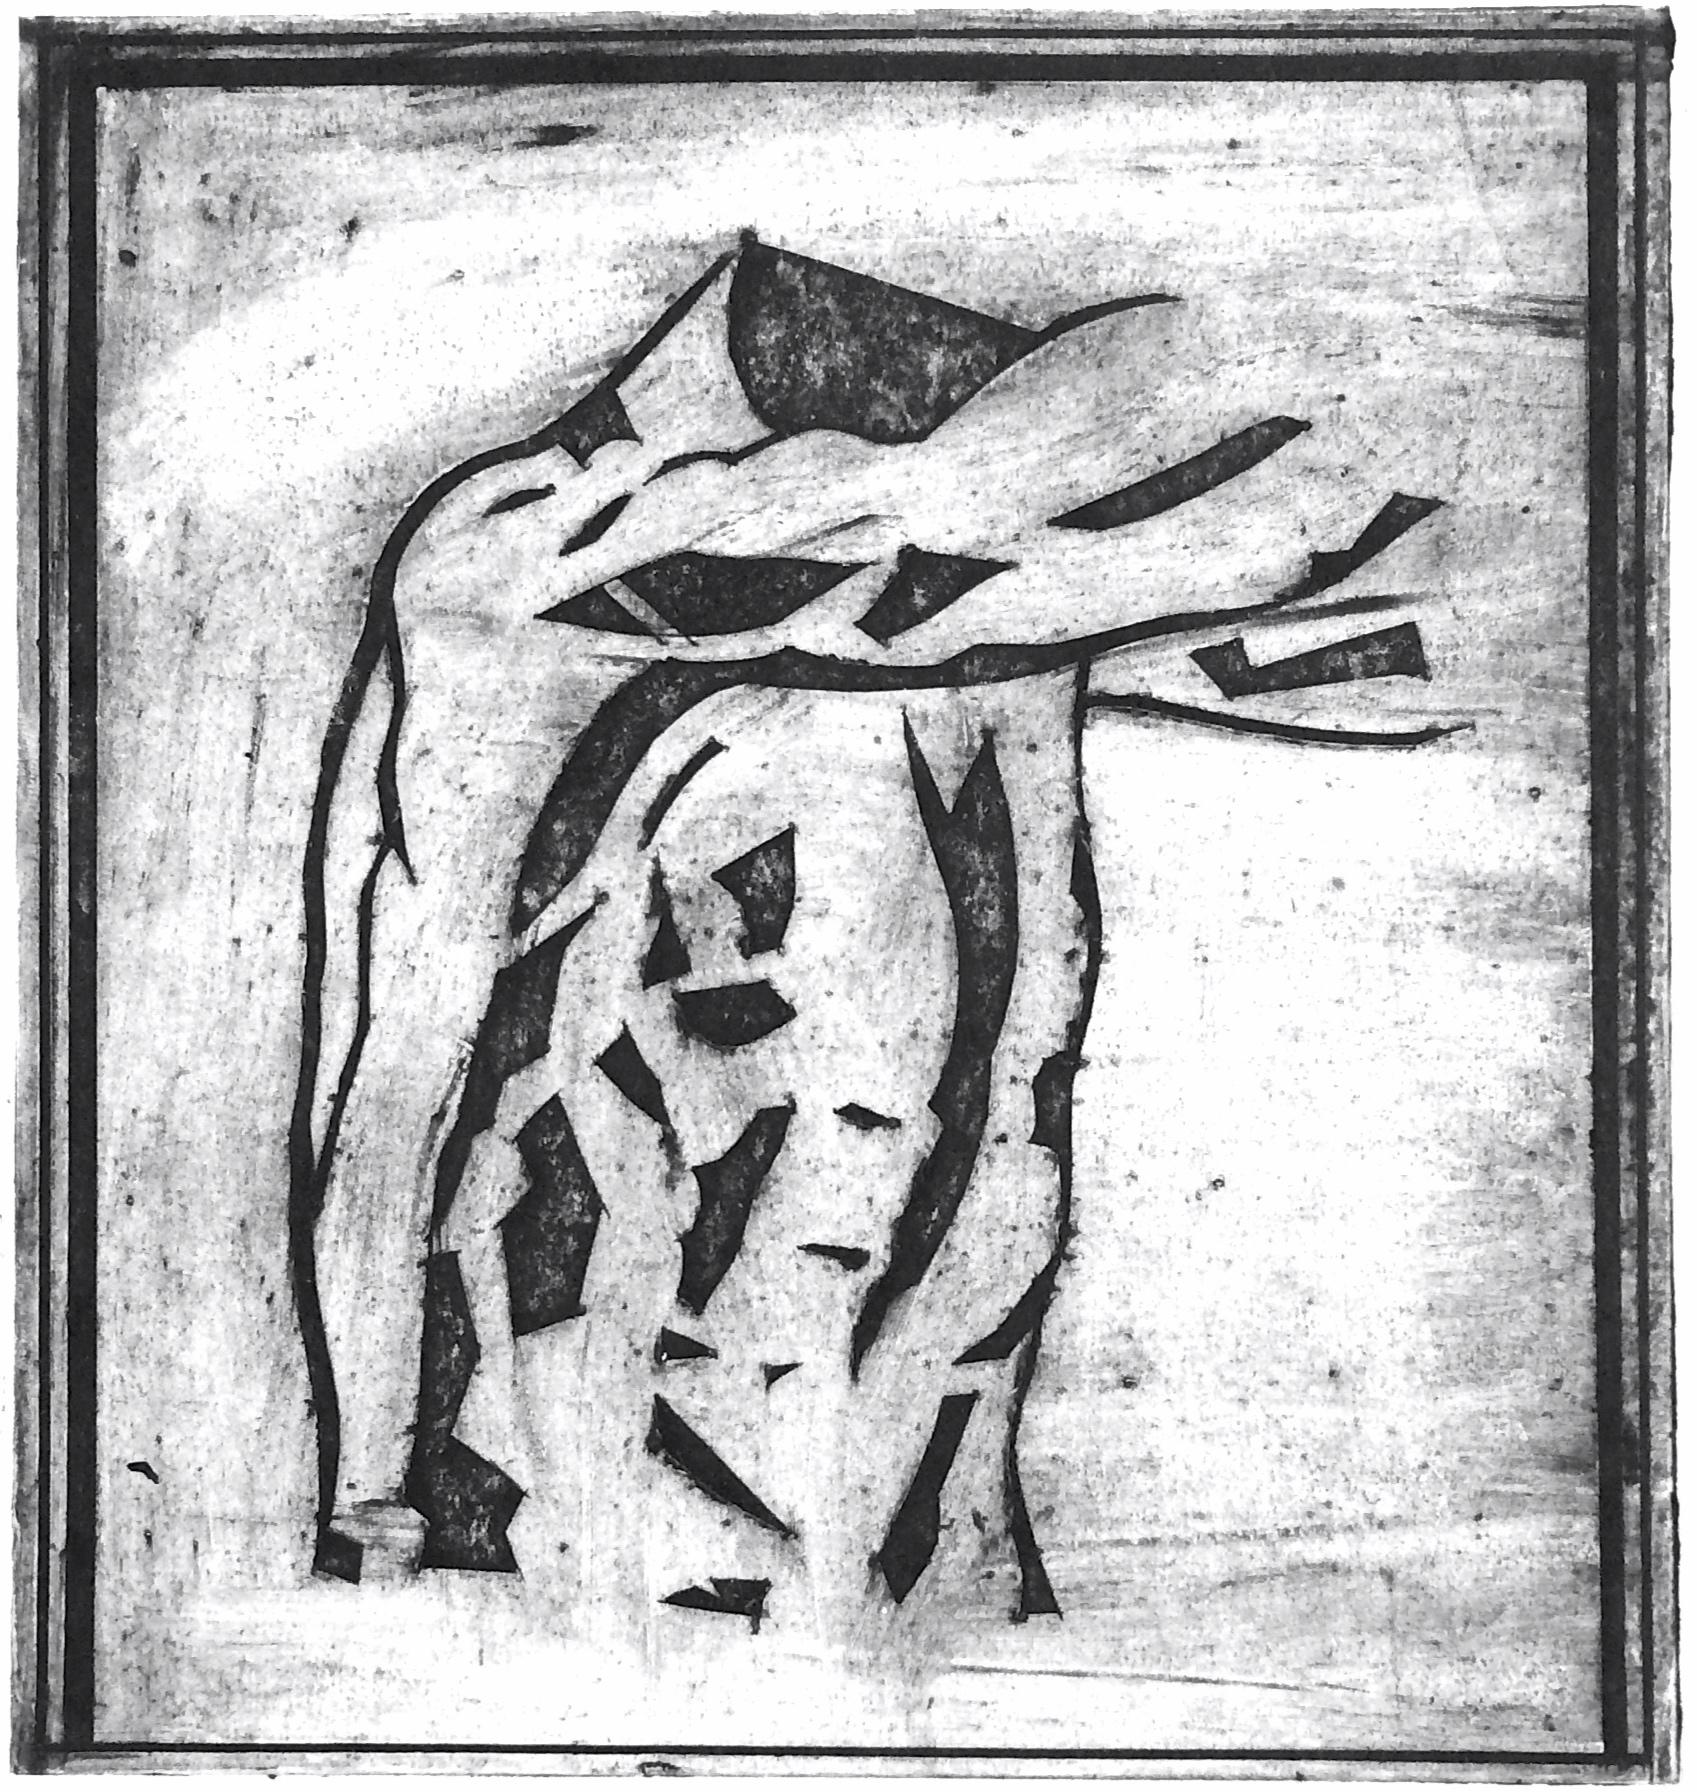 Male Torso III - Ink on Paper50x50cm